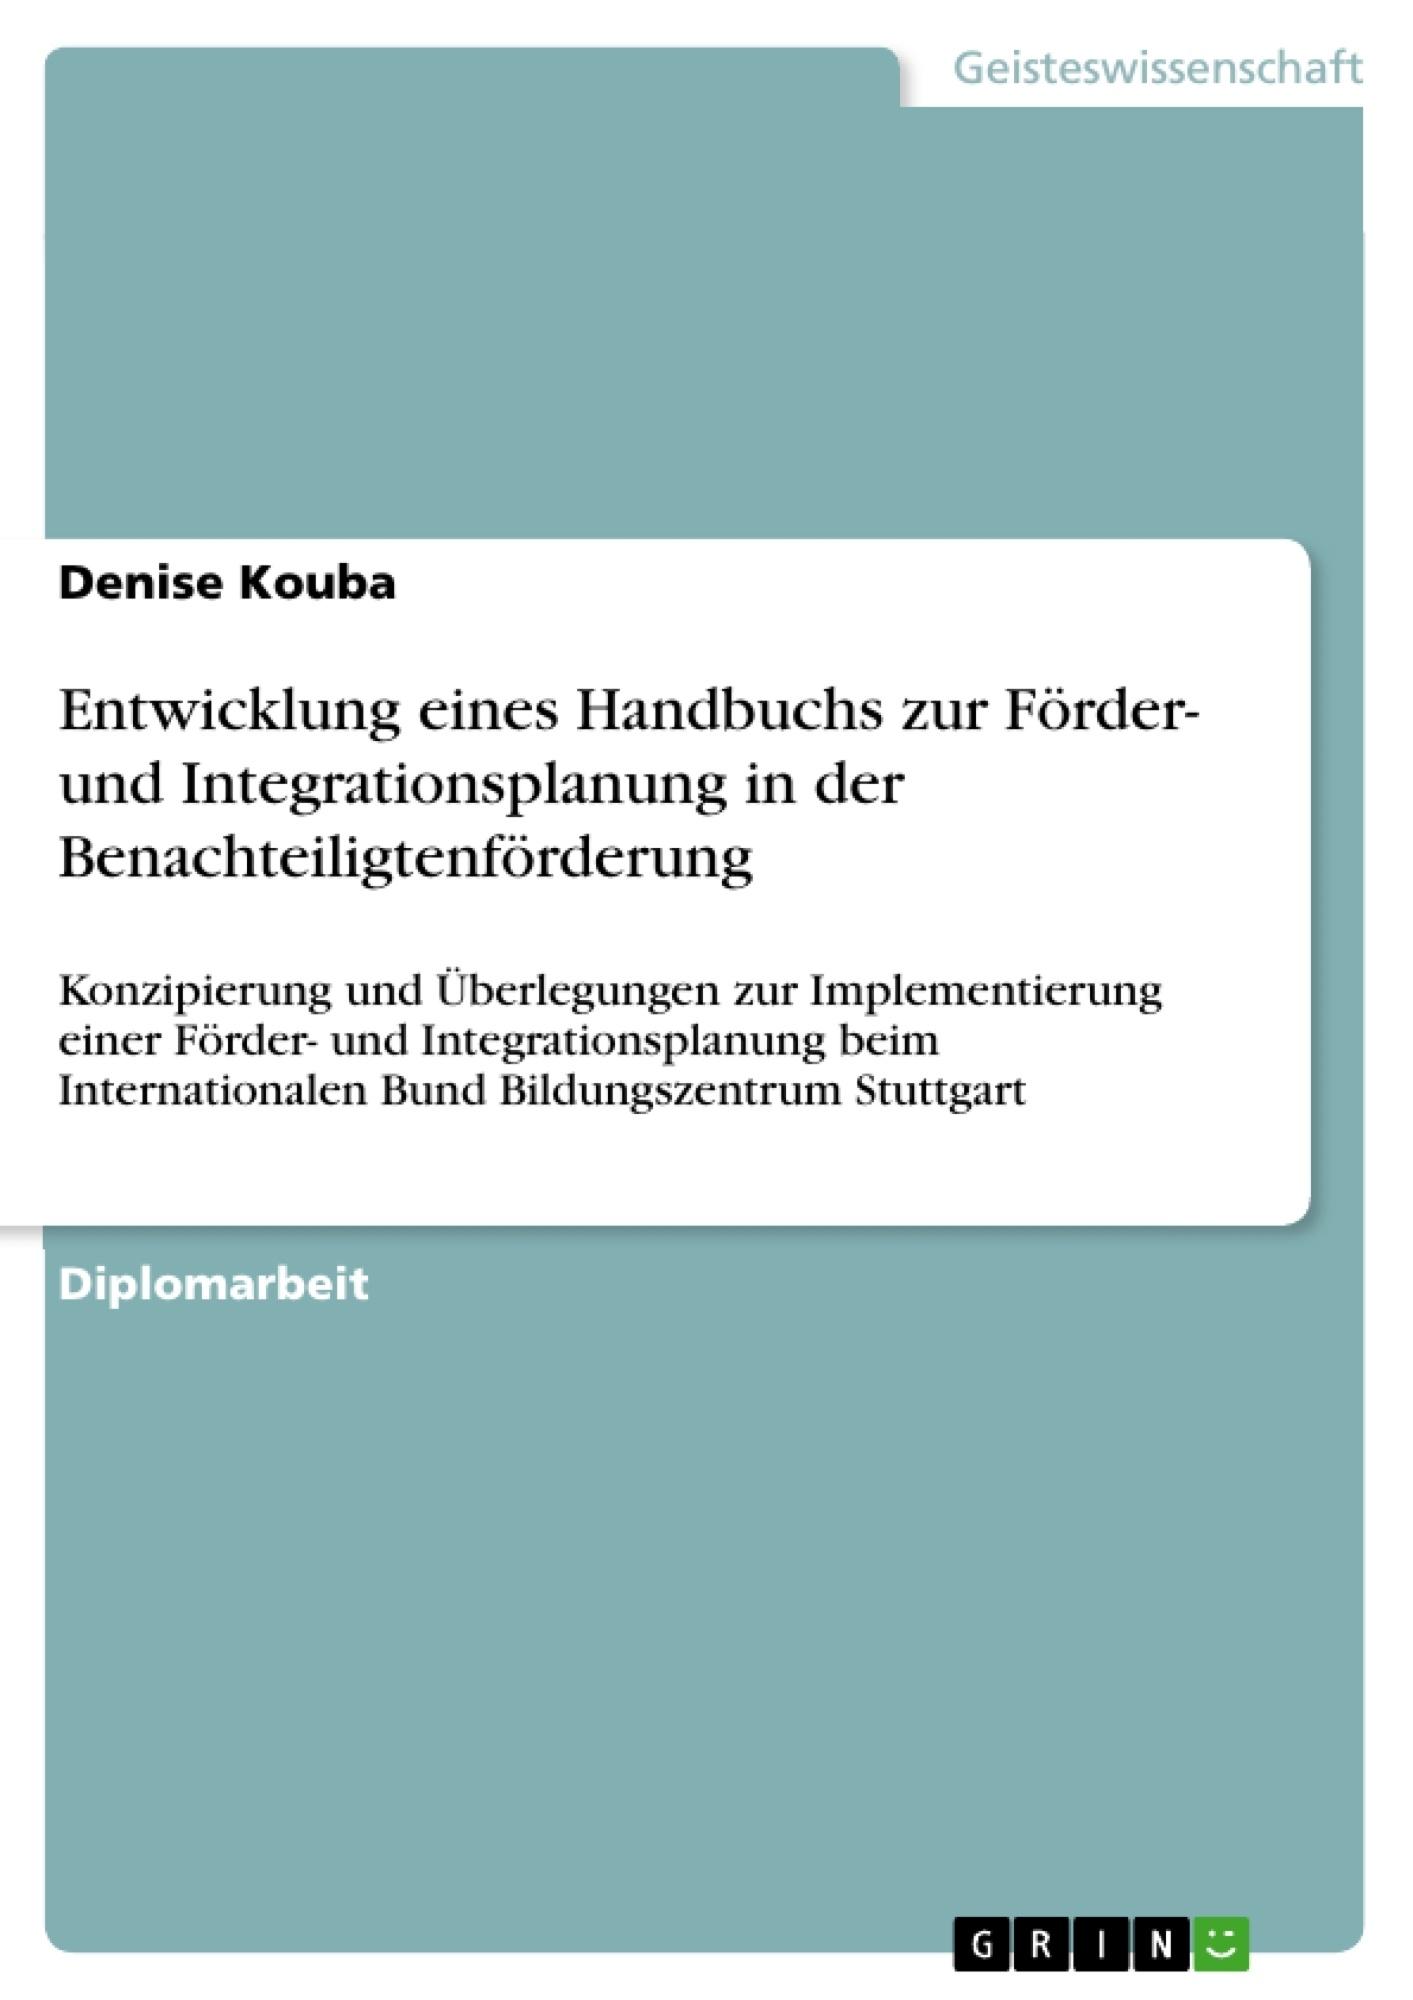 Titel: Entwicklung eines Handbuchs zur Förder- und Integrationsplanung in der Benachteiligtenförderung